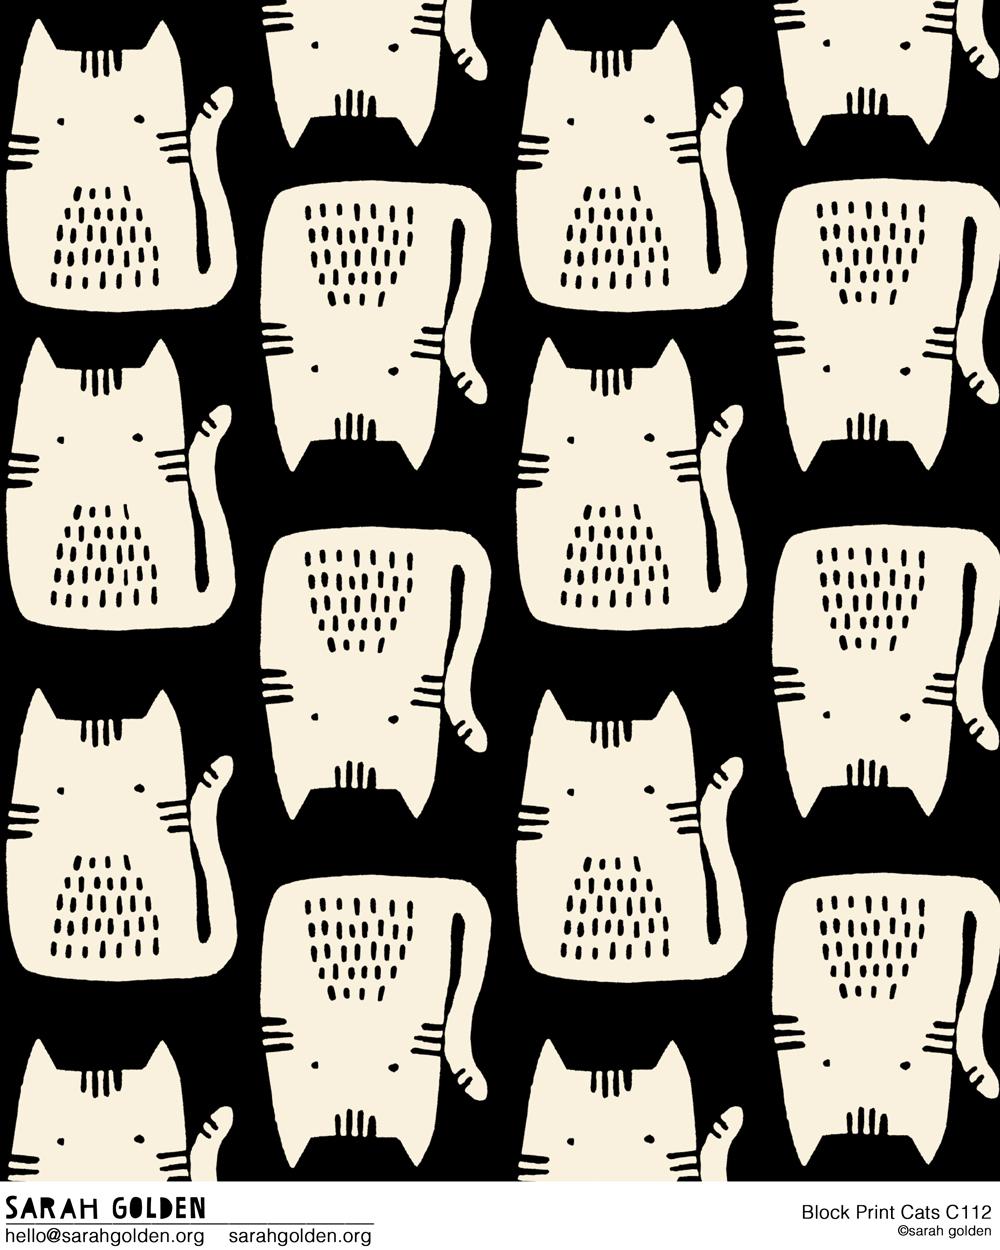 C111_Cats_Catalog_Sarah_Golden_logo_web.jpg